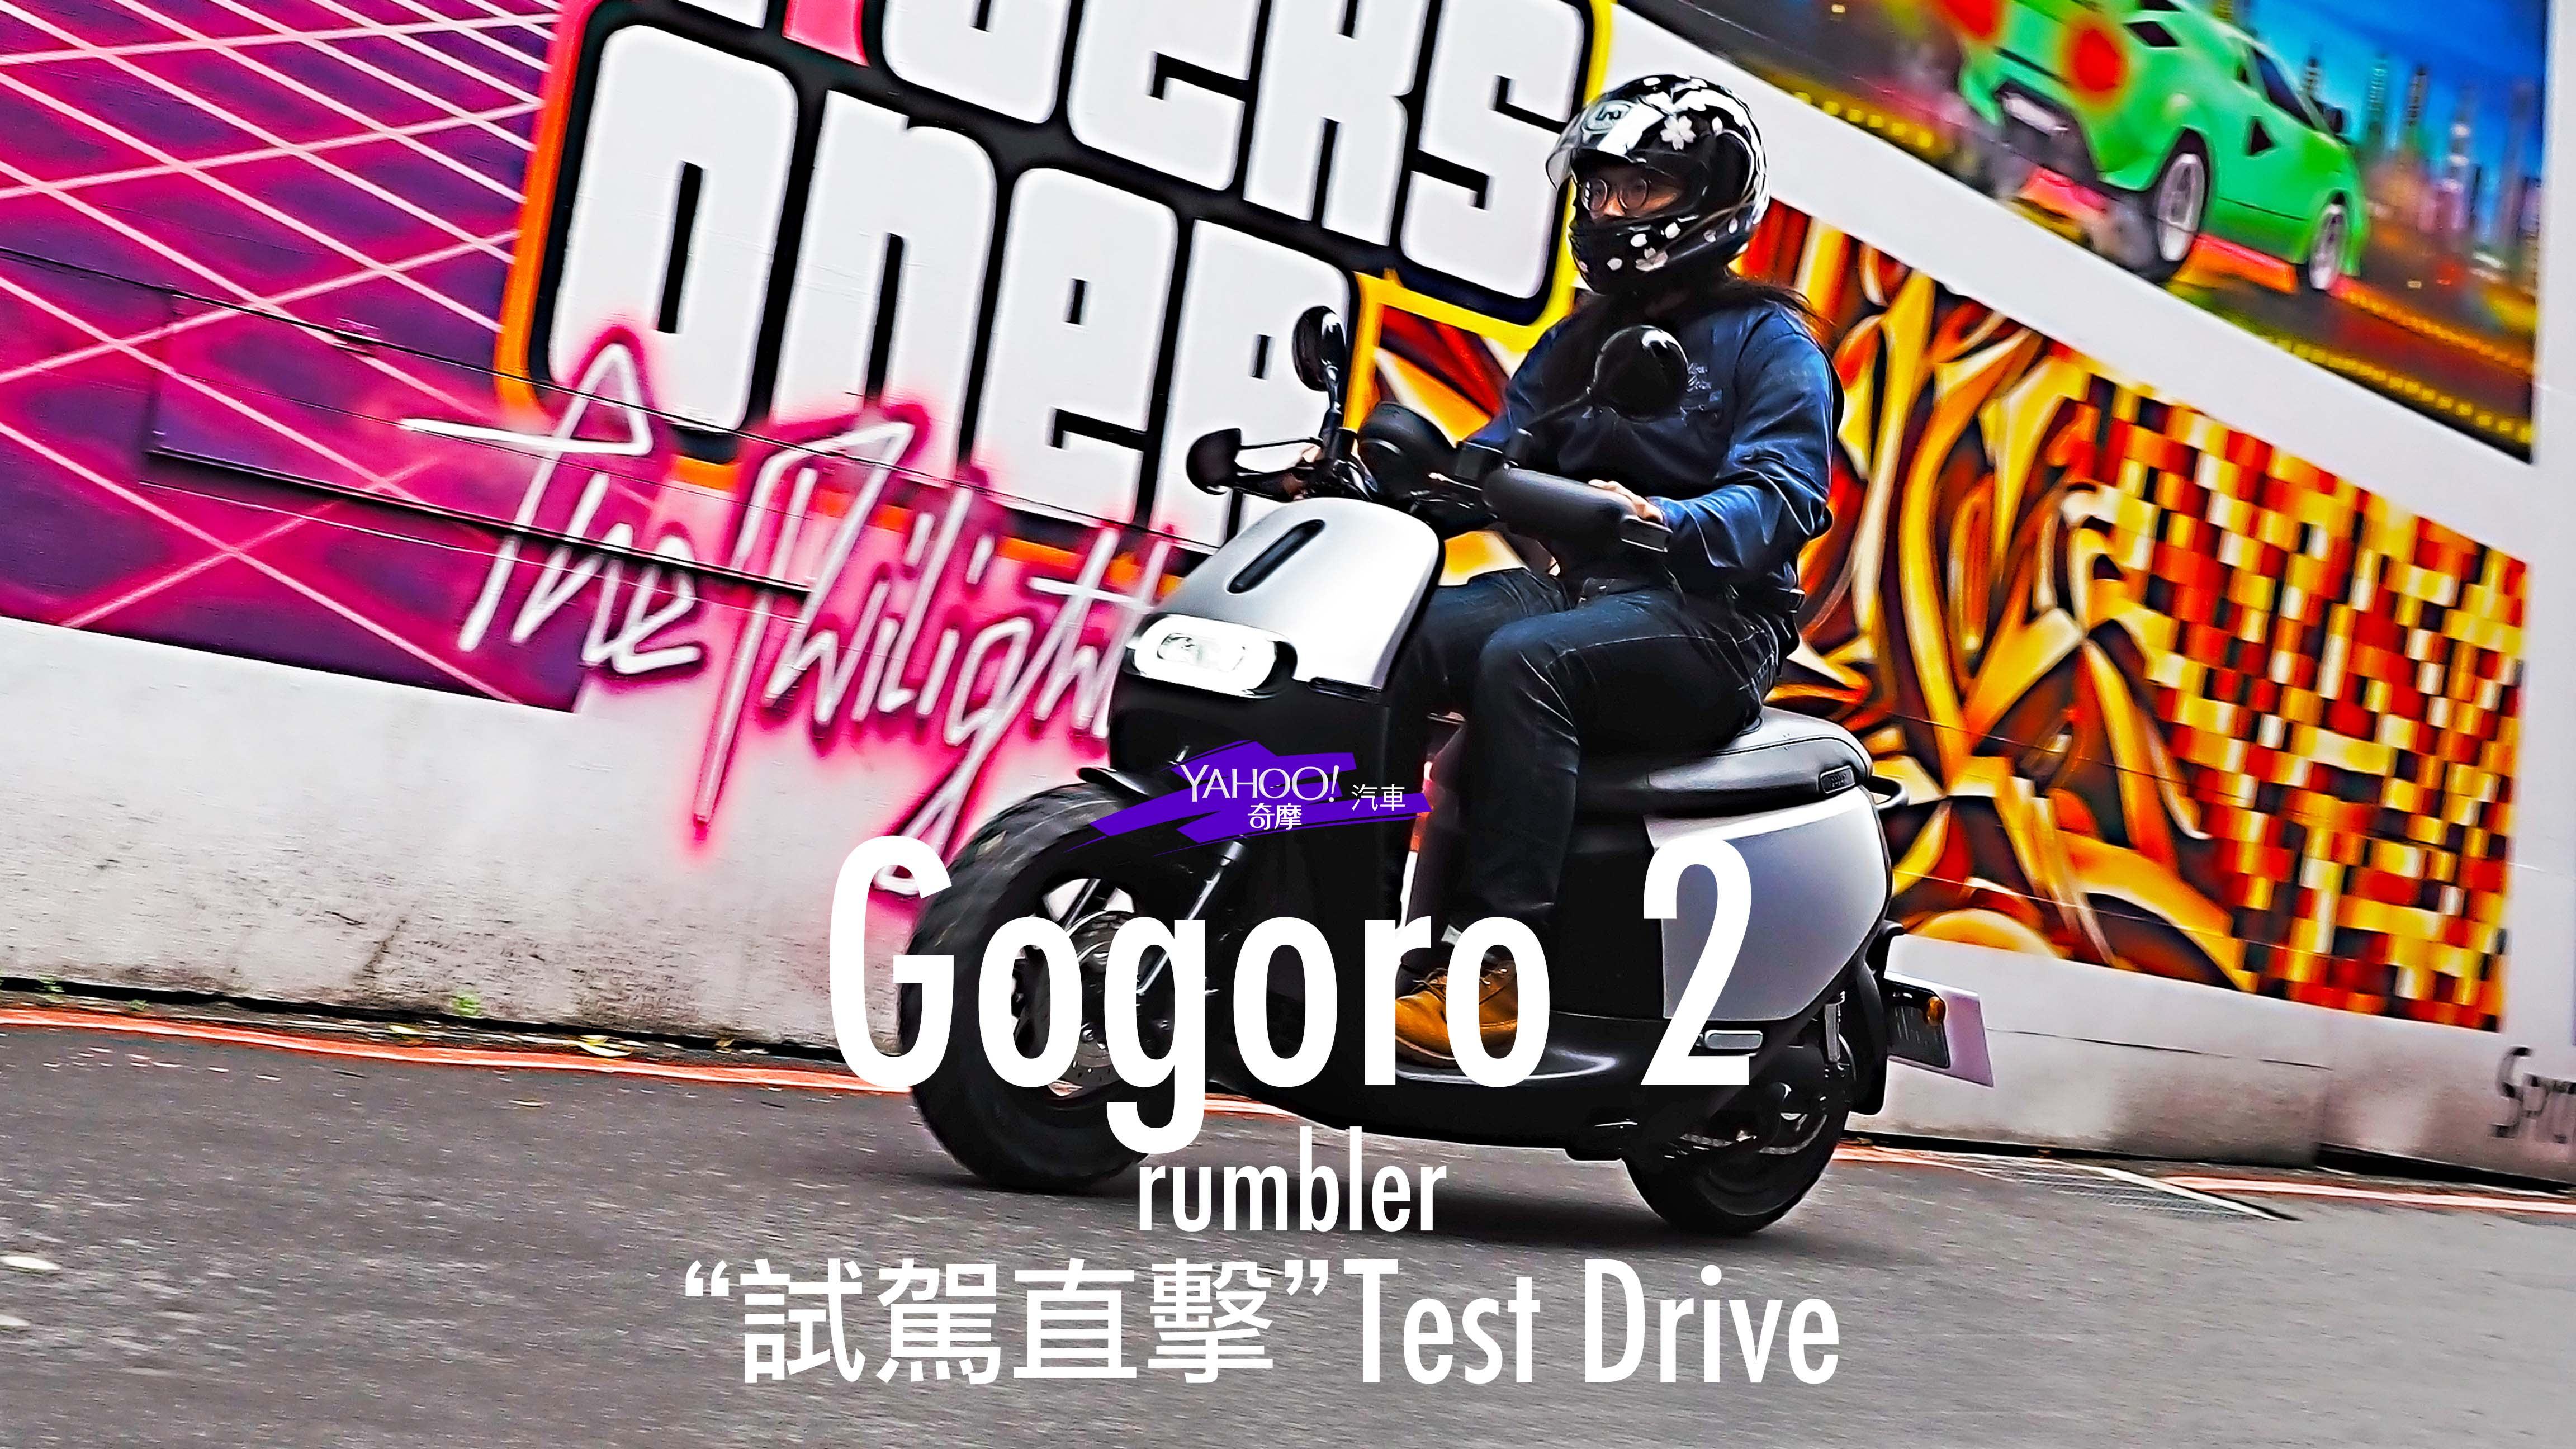 【試駕直擊】絕不只是換個輪胎那麼簡單!城市越野風Gogoro 2 Rumbler都會試駕體驗